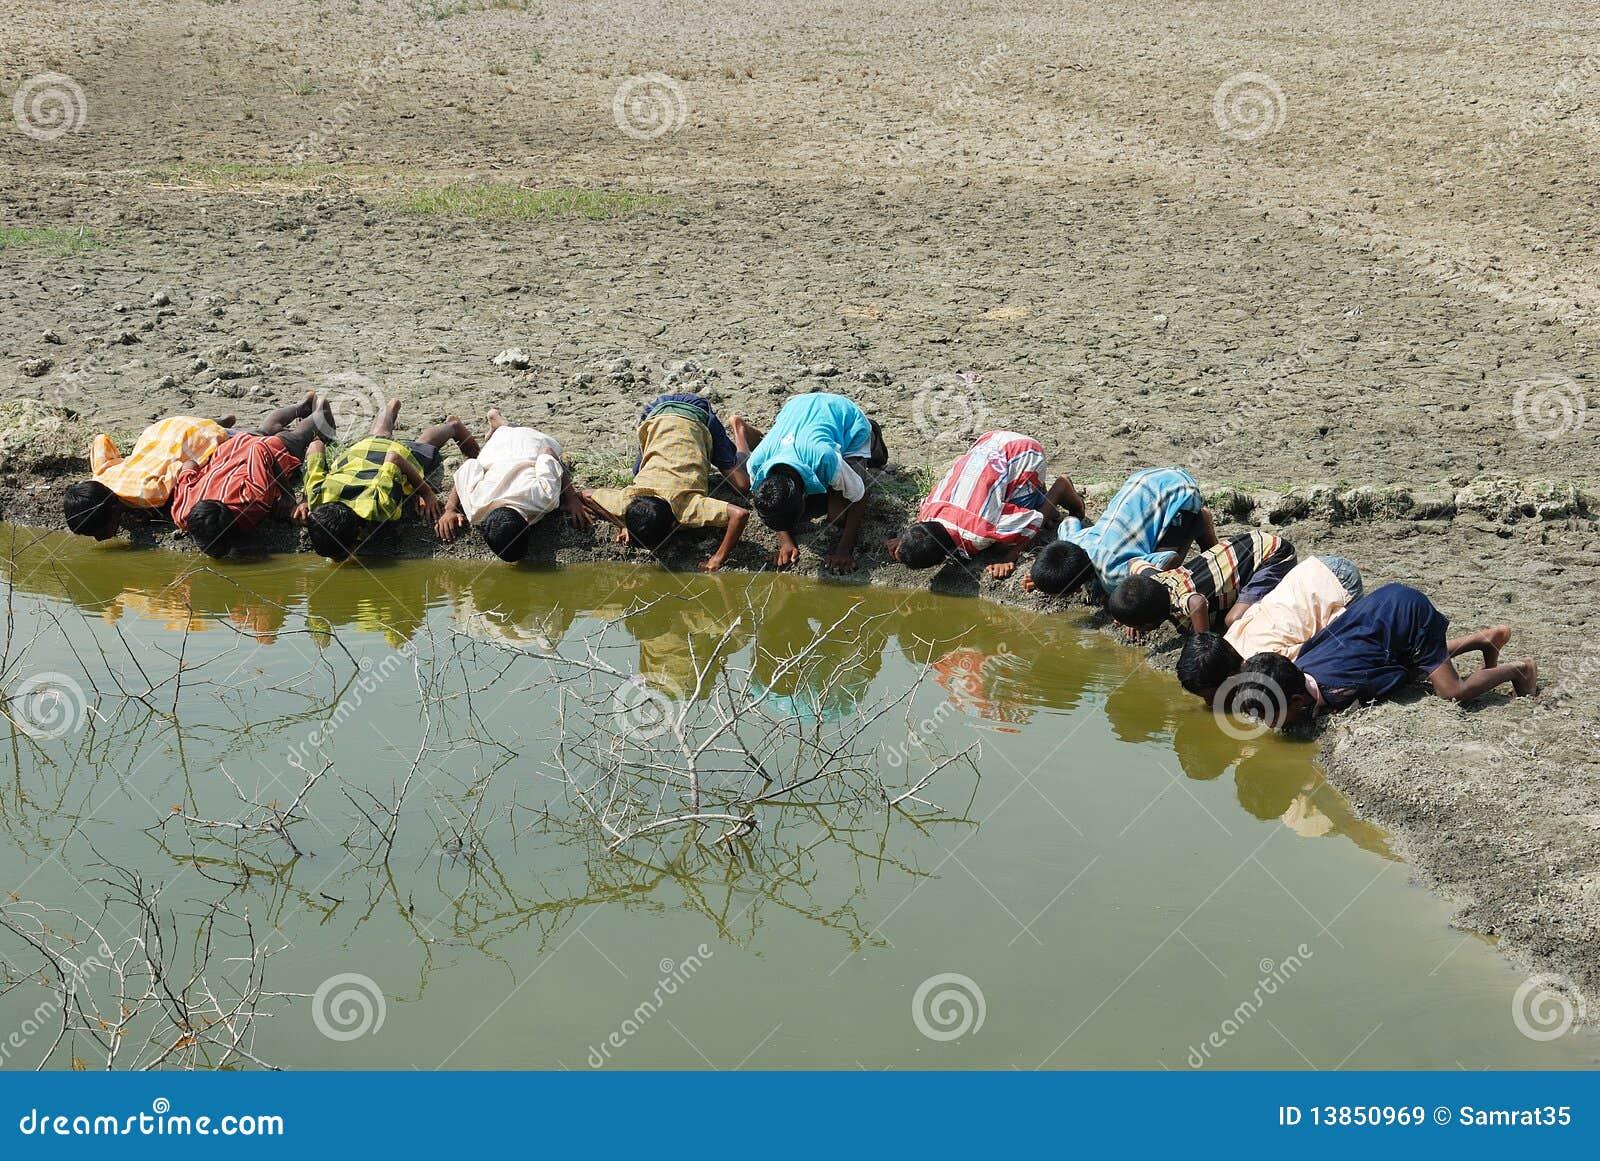 Crise de l eau en Sundarban-Inde.